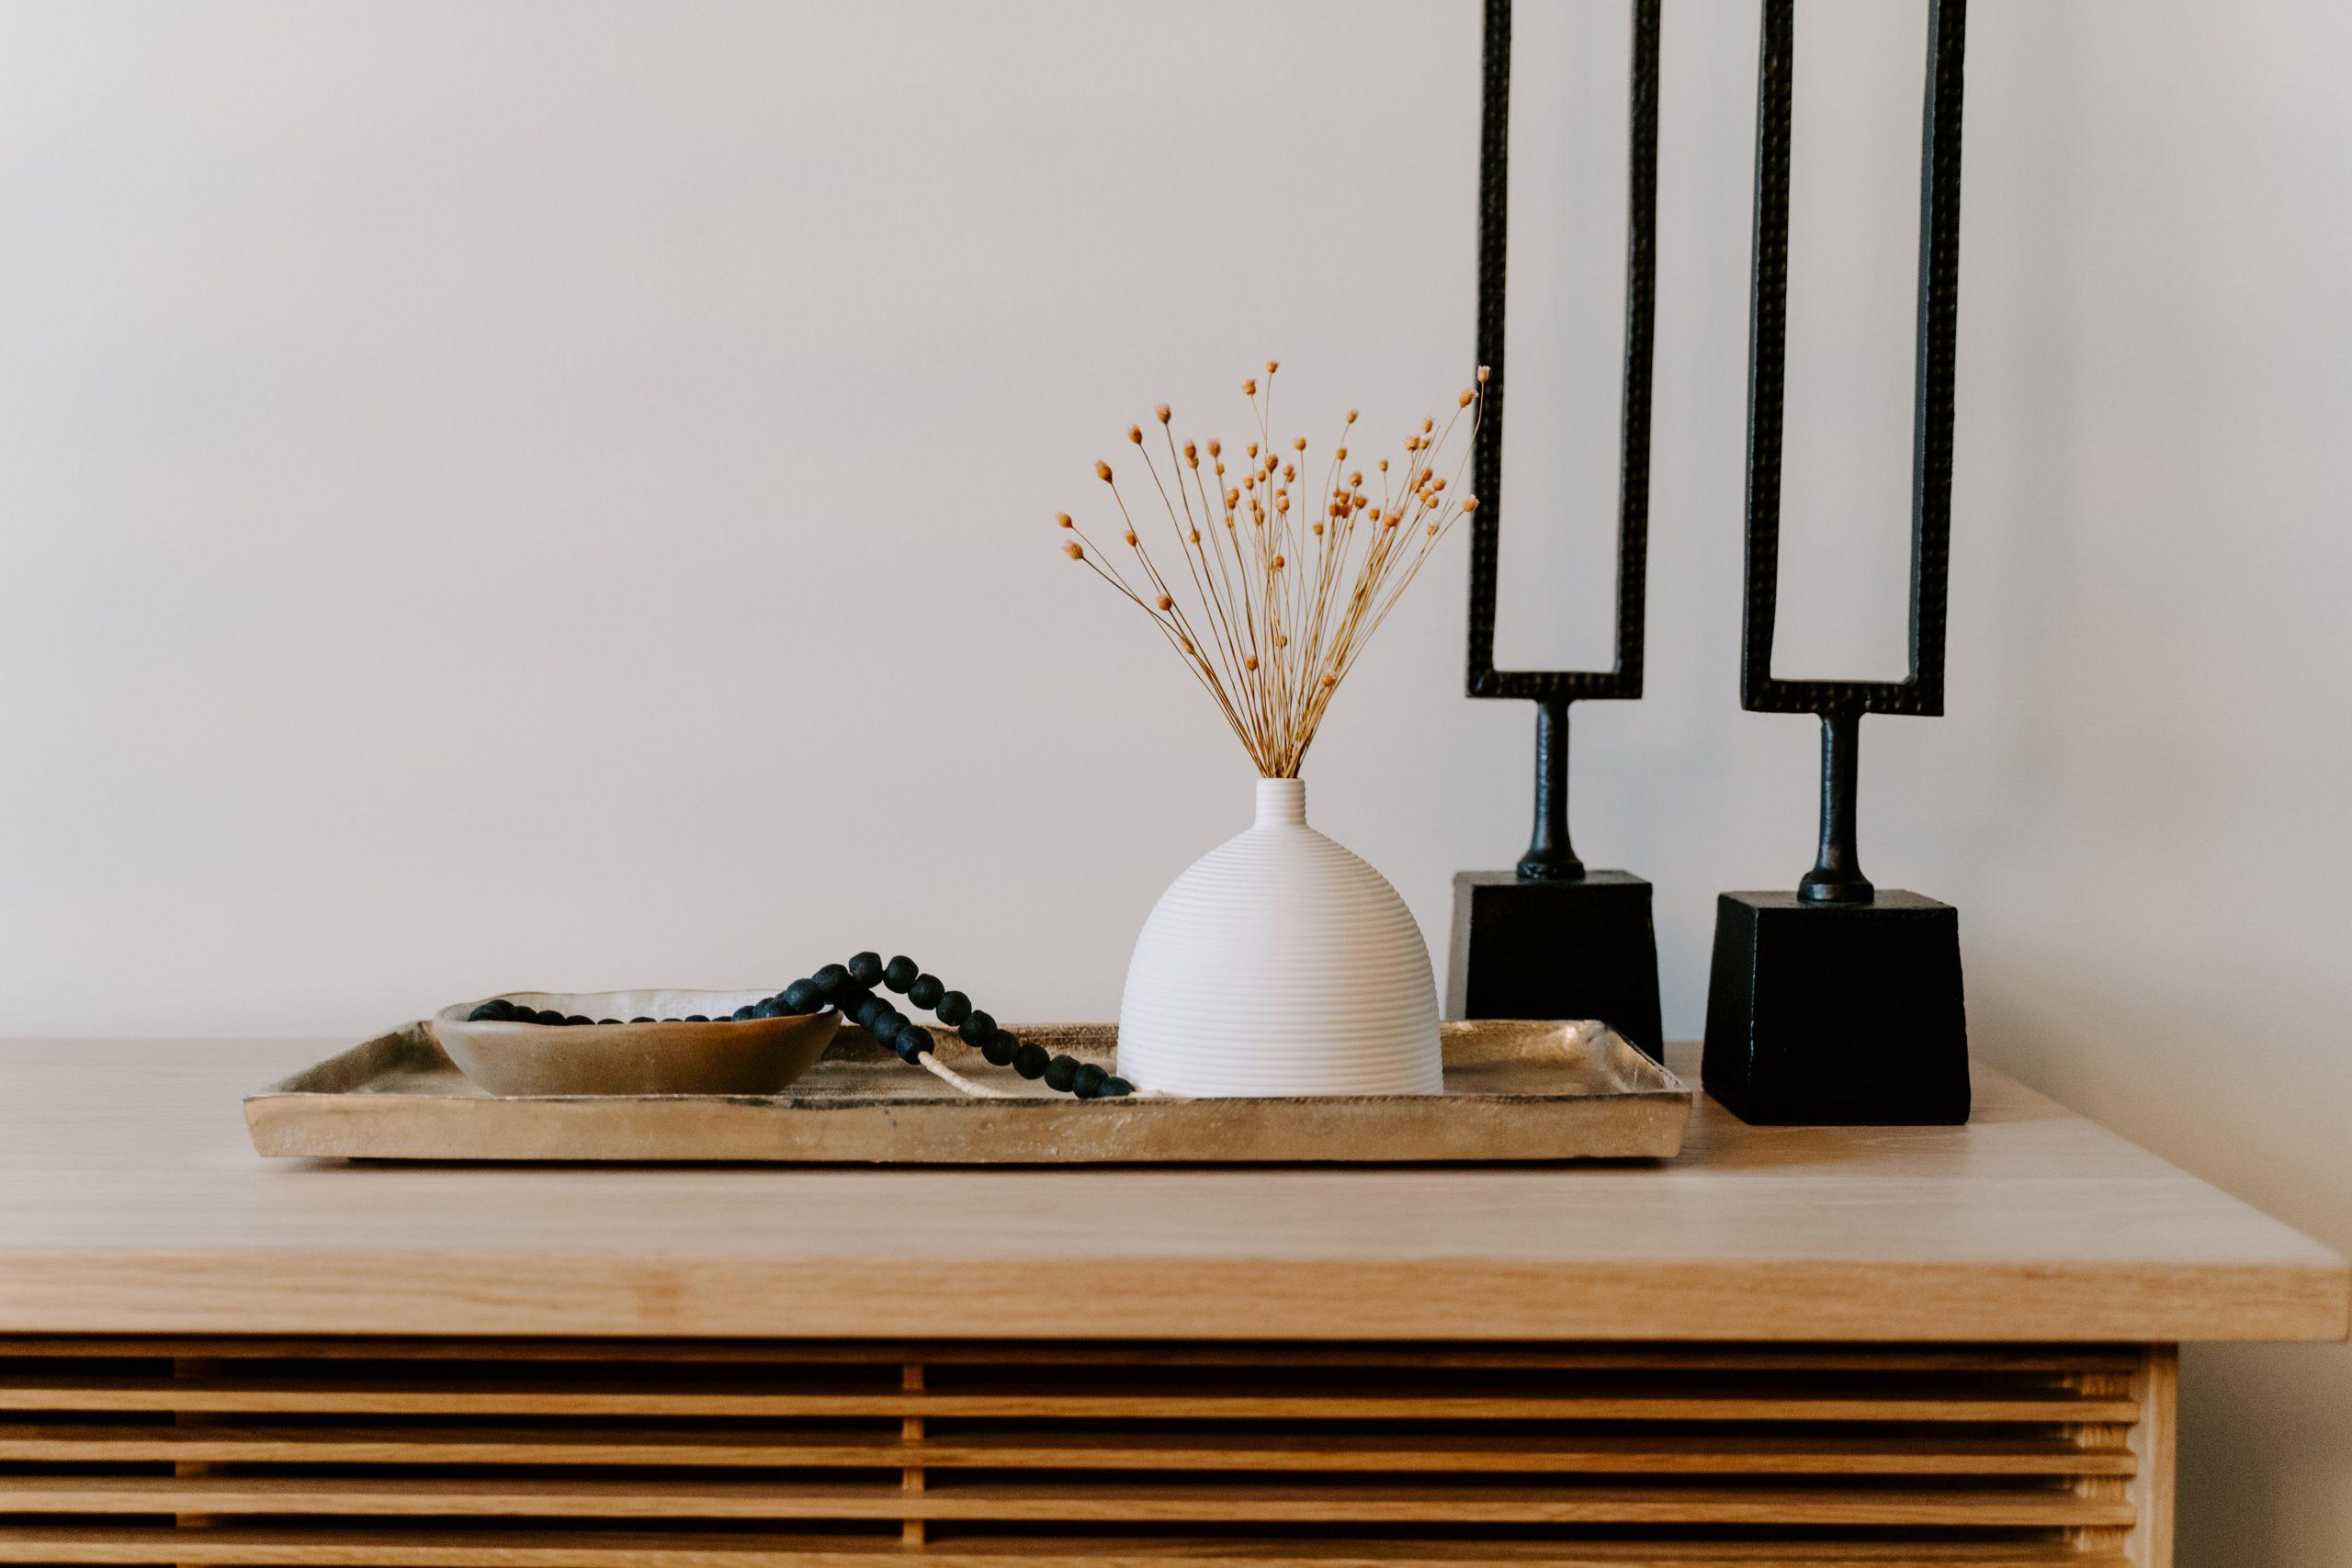 Decorare Casa con Fiori Secchi